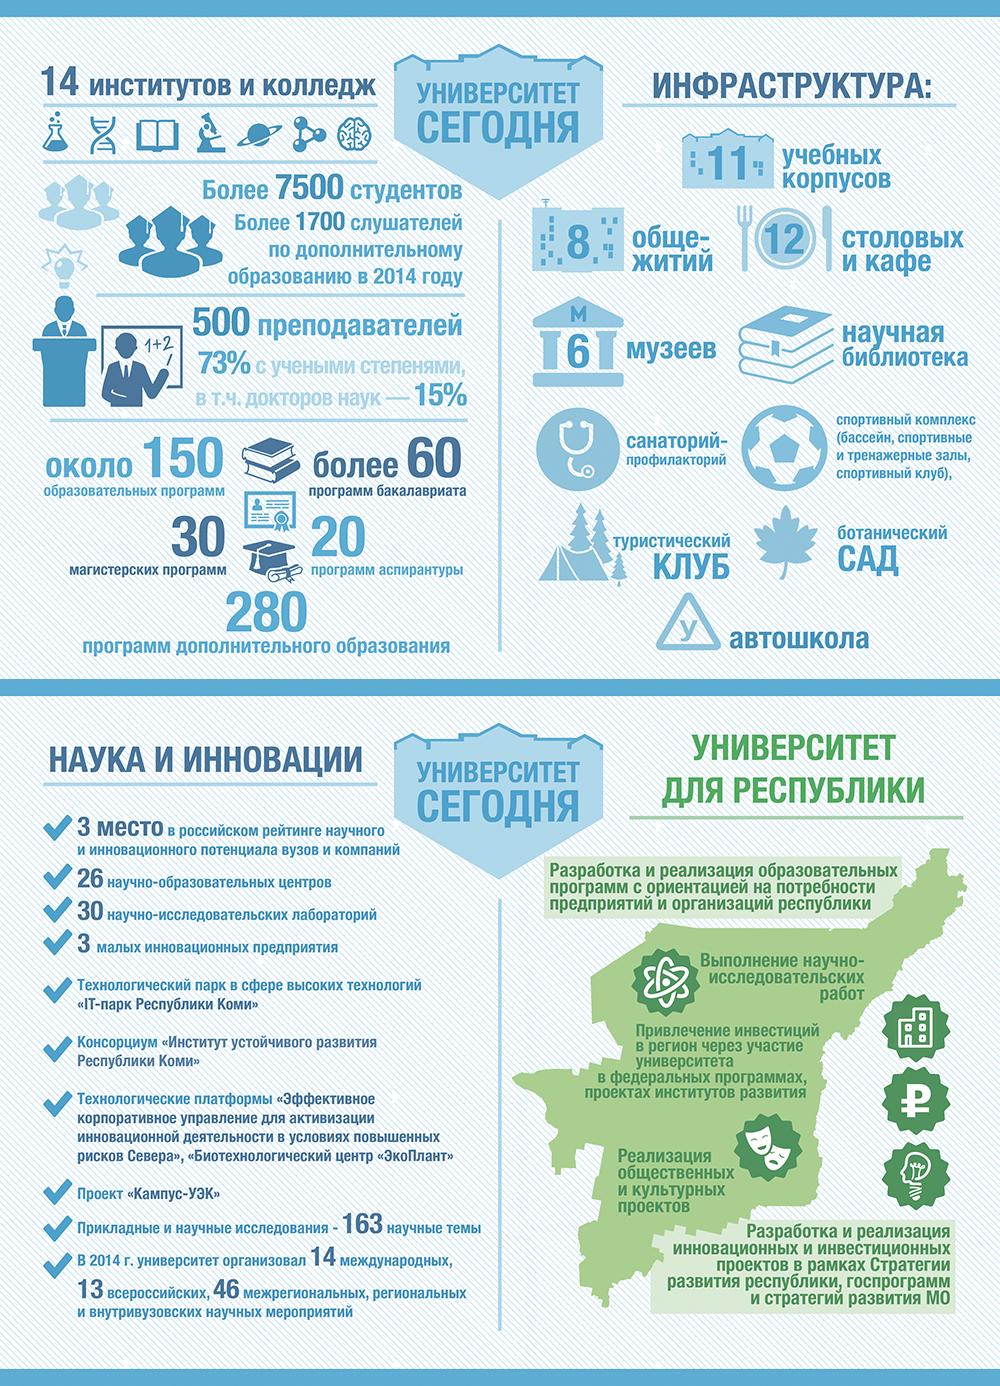 infographica sgu